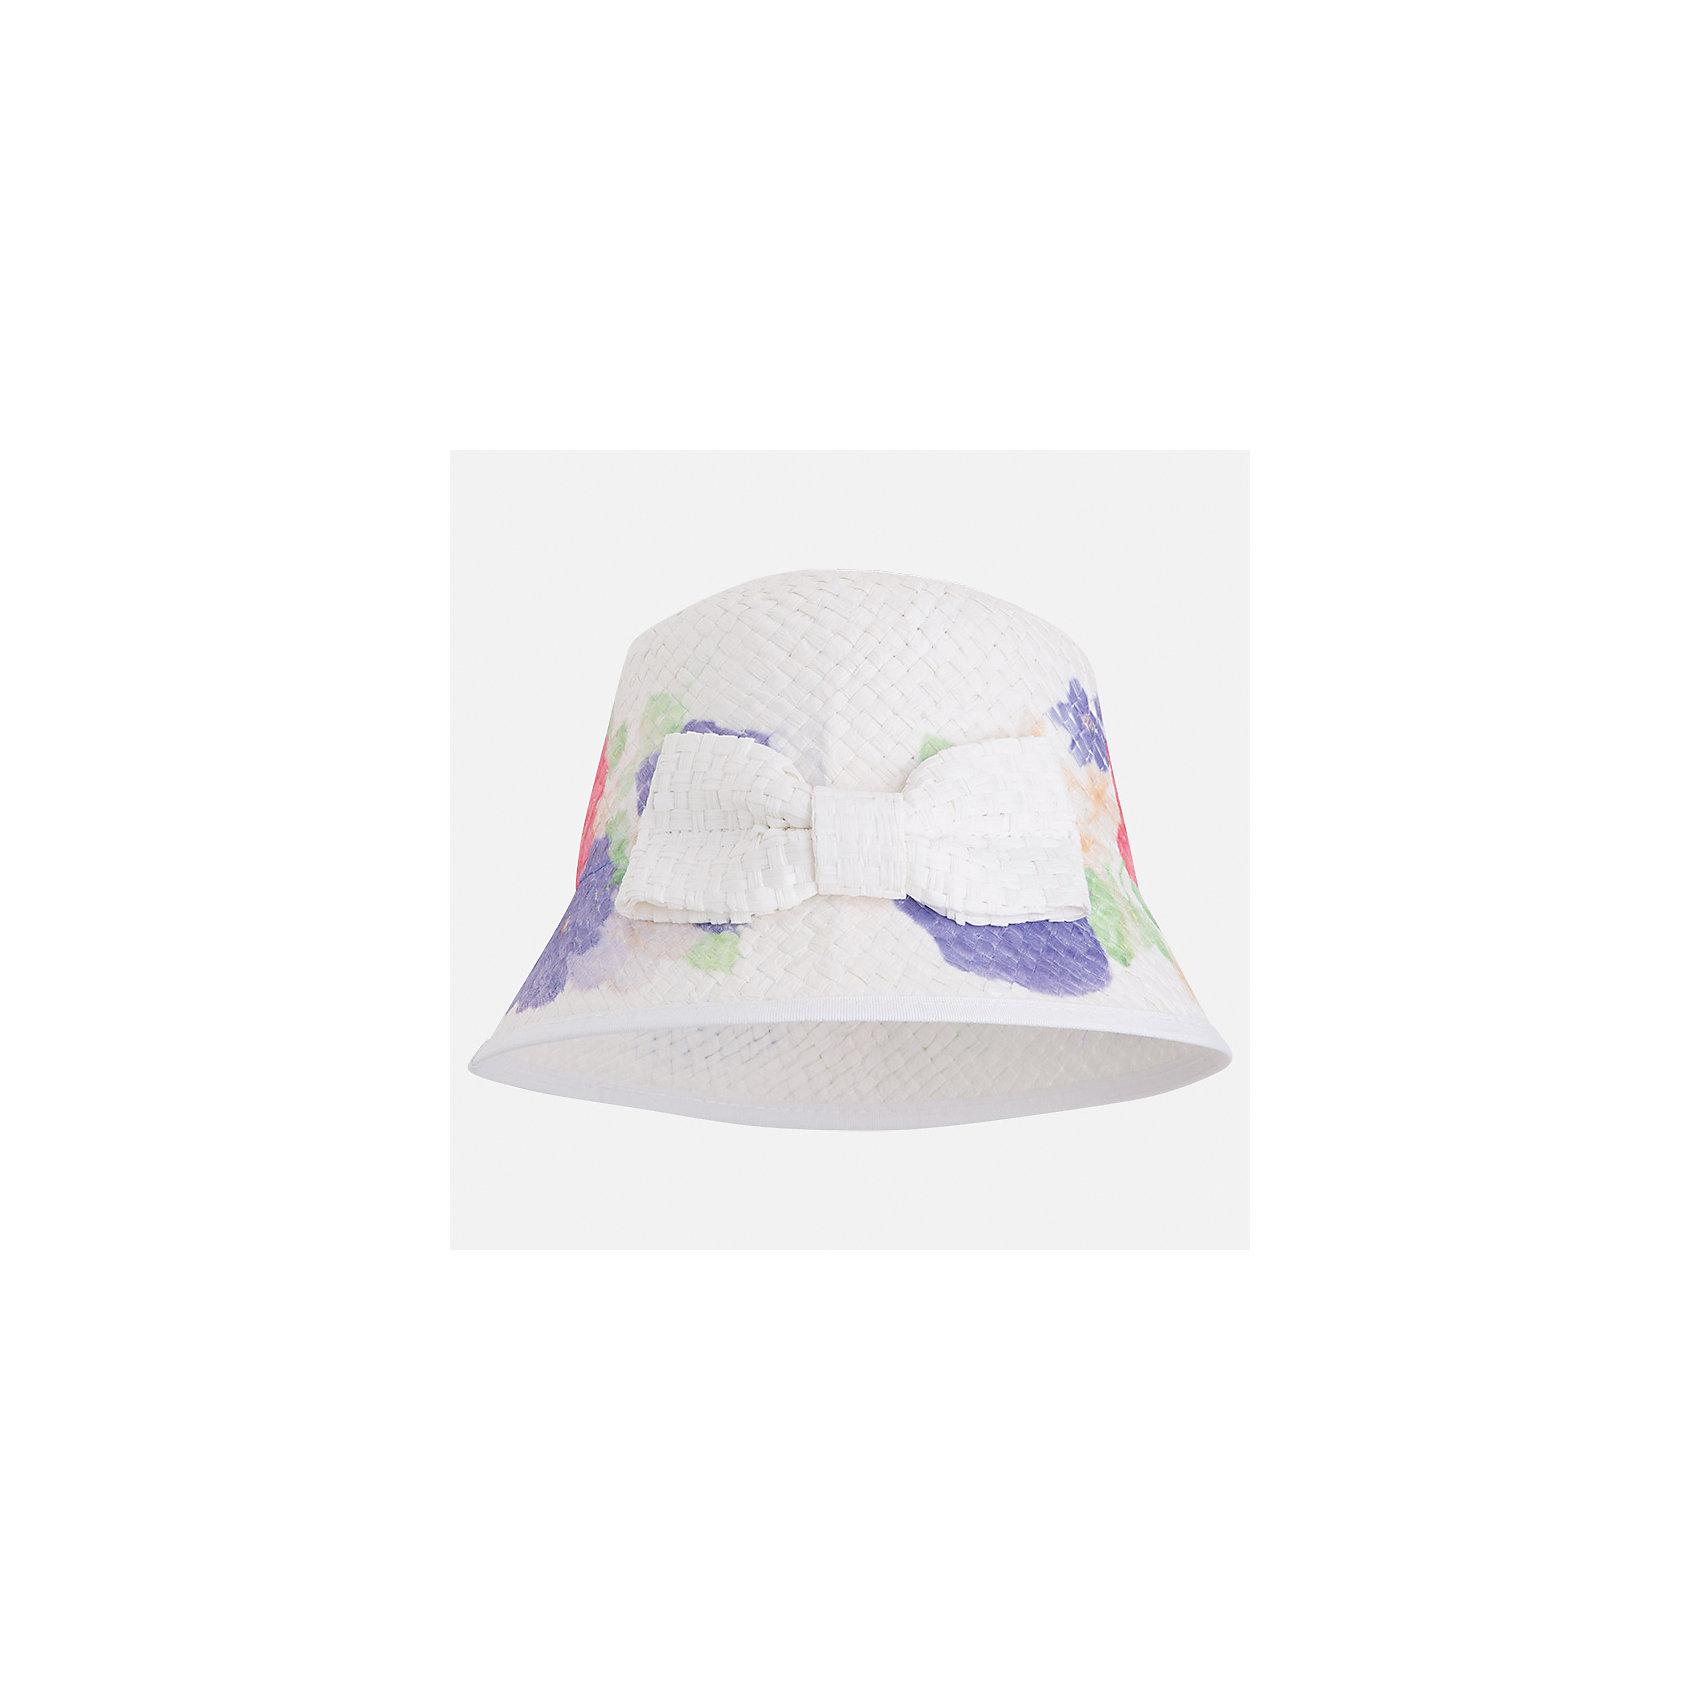 Шляпа для девочки MayoralЛетние<br>Характеристики товара:<br><br>• цвет: белый<br>• состав: 100% бумага<br>• принт<br>• дышащая фактура<br>• декорирована бантом<br>• страна бренда: Испания<br><br>Красивая легкая шляпа для девочки поможет обеспечить ребенку защиту от солнца и дополнить наряд. Шляпа удобно сидит и красиво смотрится. <br><br>Шляпу для девочки от испанского бренда Mayoral (Майорал) можно купить в нашем интернет-магазине.<br><br>Ширина мм: 89<br>Глубина мм: 117<br>Высота мм: 44<br>Вес г: 155<br>Цвет: синий<br>Возраст от месяцев: 72<br>Возраст до месяцев: 84<br>Пол: Женский<br>Возраст: Детский<br>Размер: 54,50,52<br>SKU: 5293527